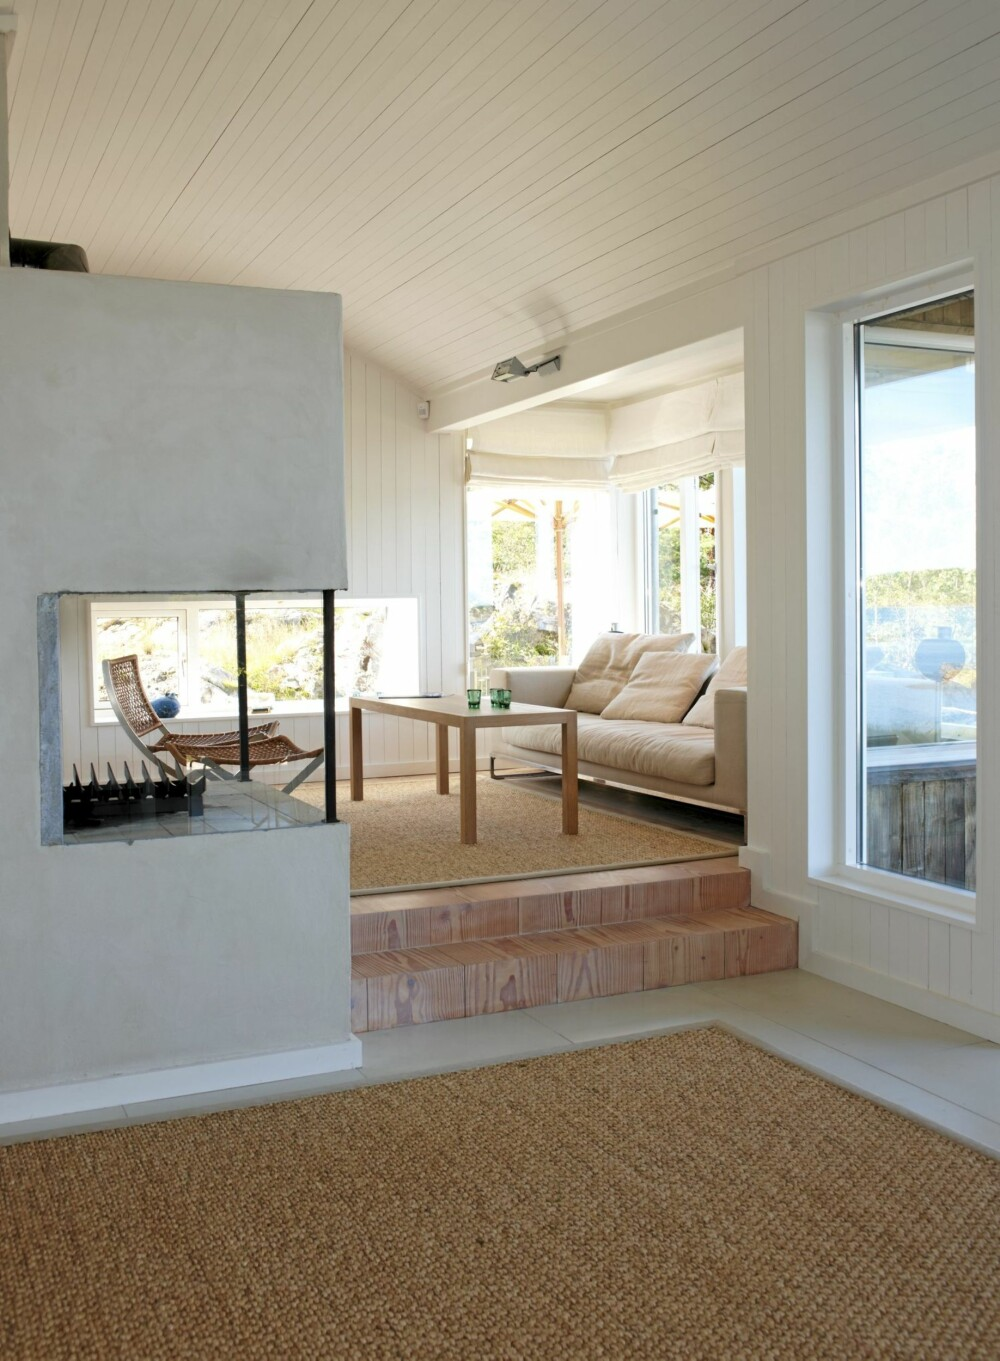 MATERIALMIKS: Nivåforskjellen mellom stuen og tv-stuen er understreket med ulike materialer. Grunnplanet har slitesterke fliser, mens tv-stuen har mykt tregulv.